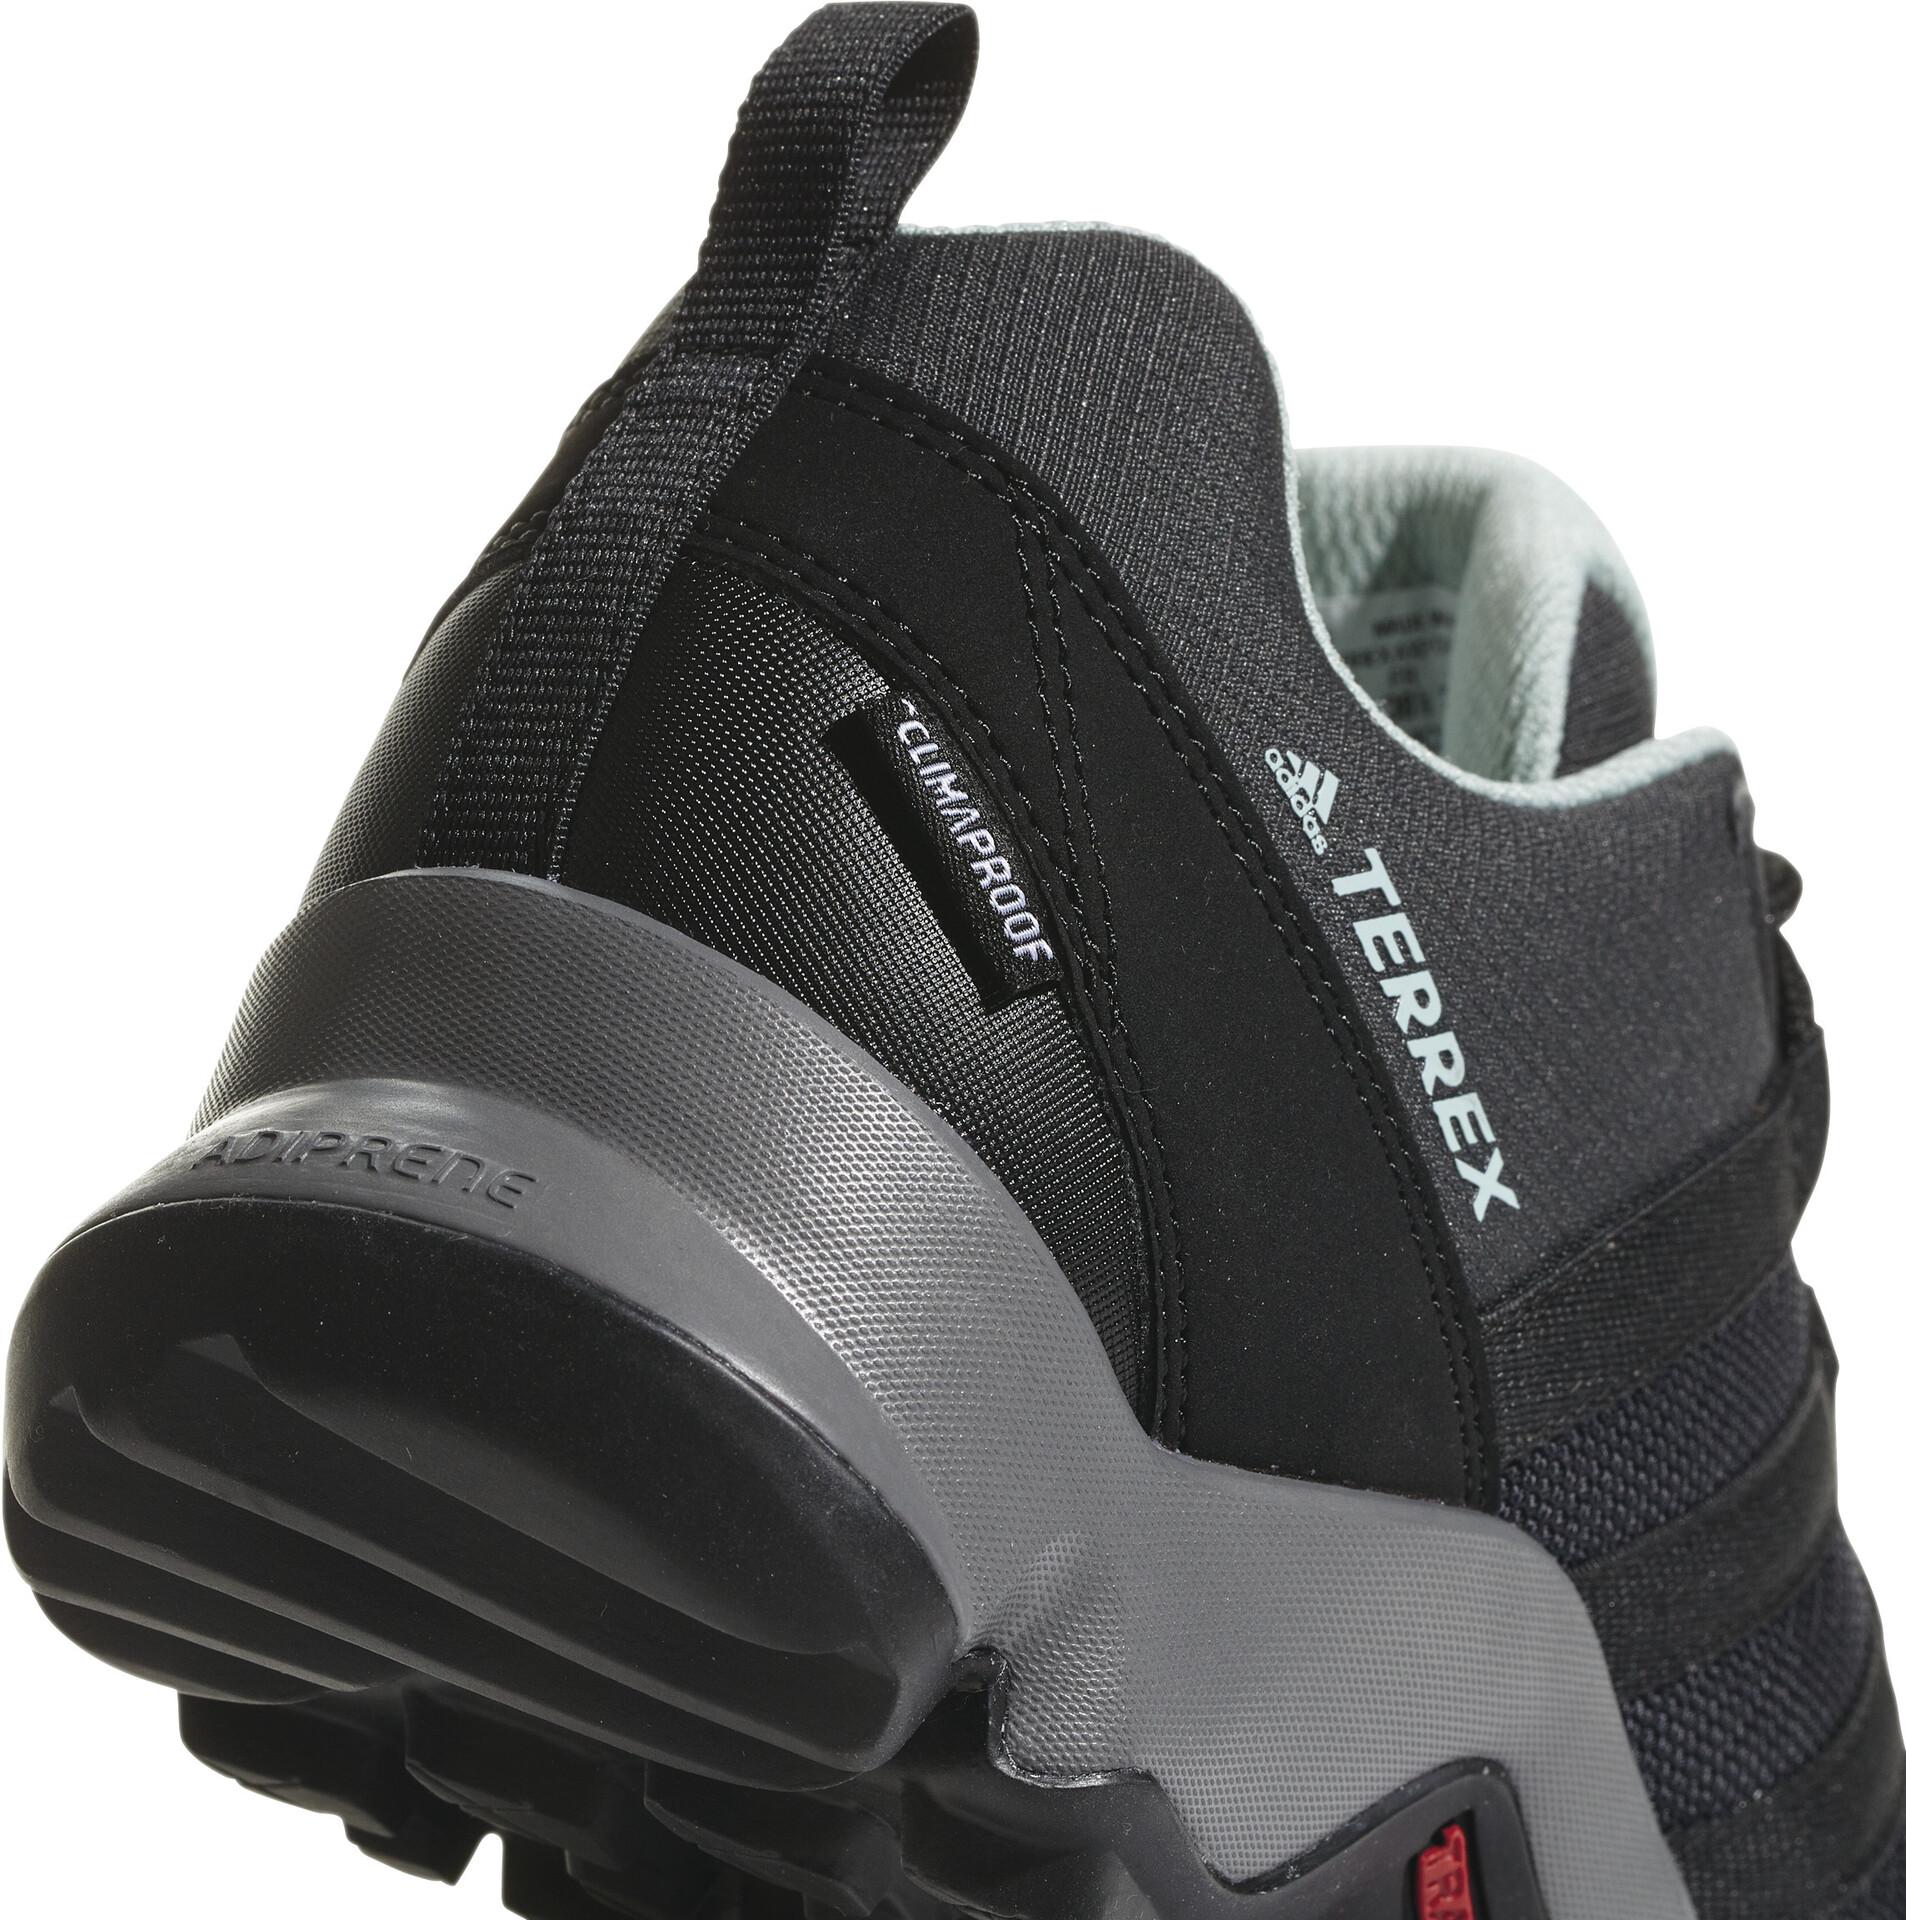 Ax2 Adidas Zwart Schoenen Climaproof Terrex Dames vnw08mNO